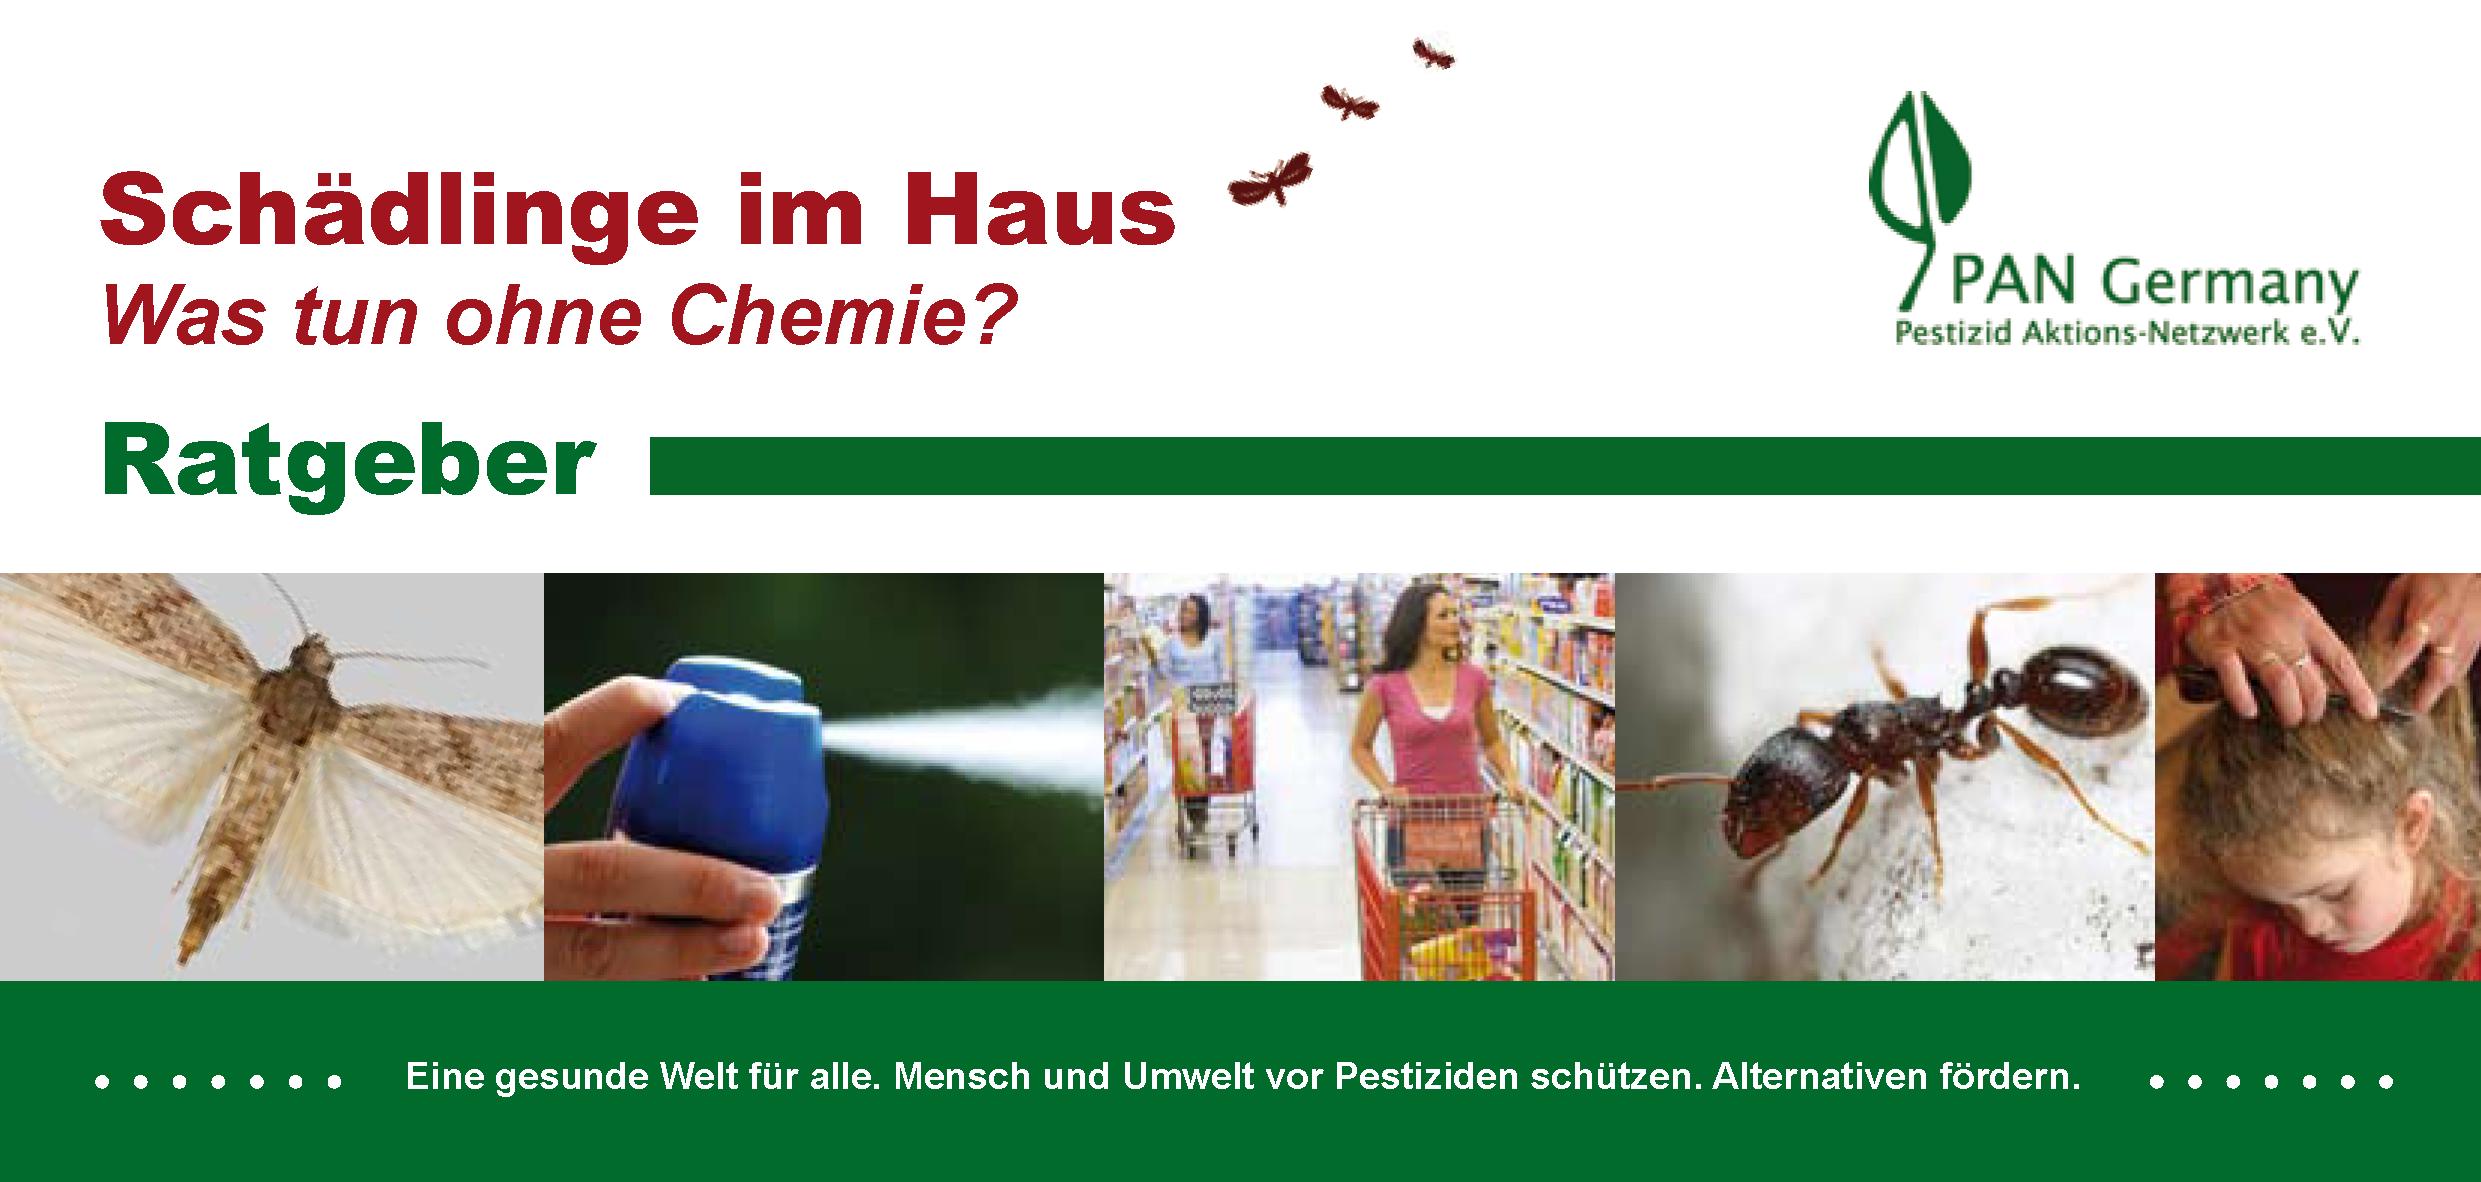 Schadlinge Im Haus Was Tun Ohne Chemie Pestizid Aktions Netzwerk